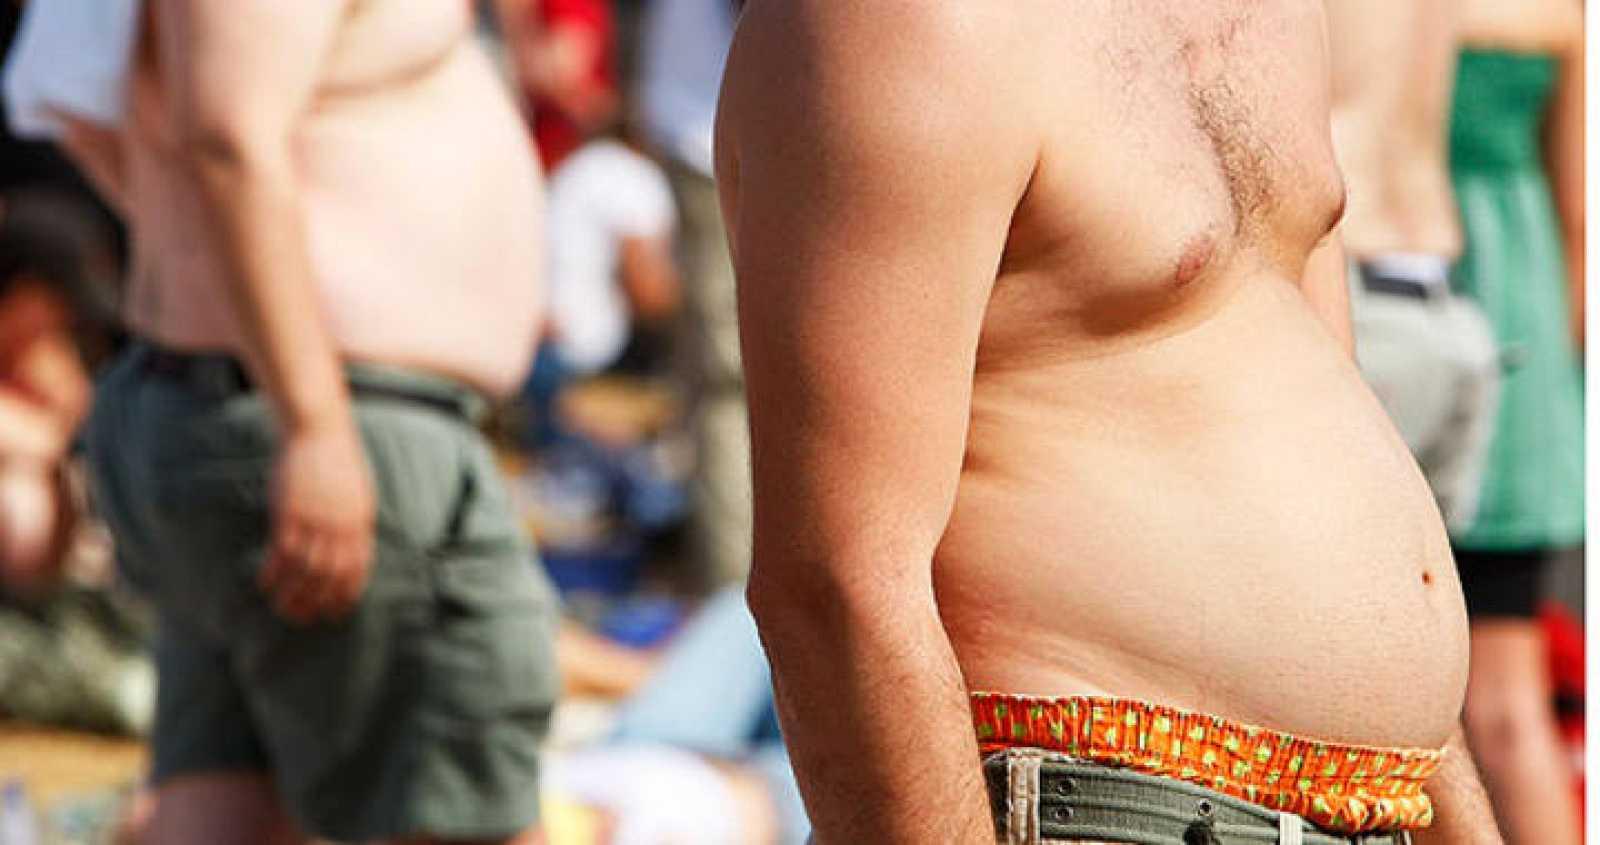 Más de la mitad de los españoles mayores de 18 años está por encima del peso considerado como normal, según se desprende de la Encuesta Europea de la Salud en España del año 2009.